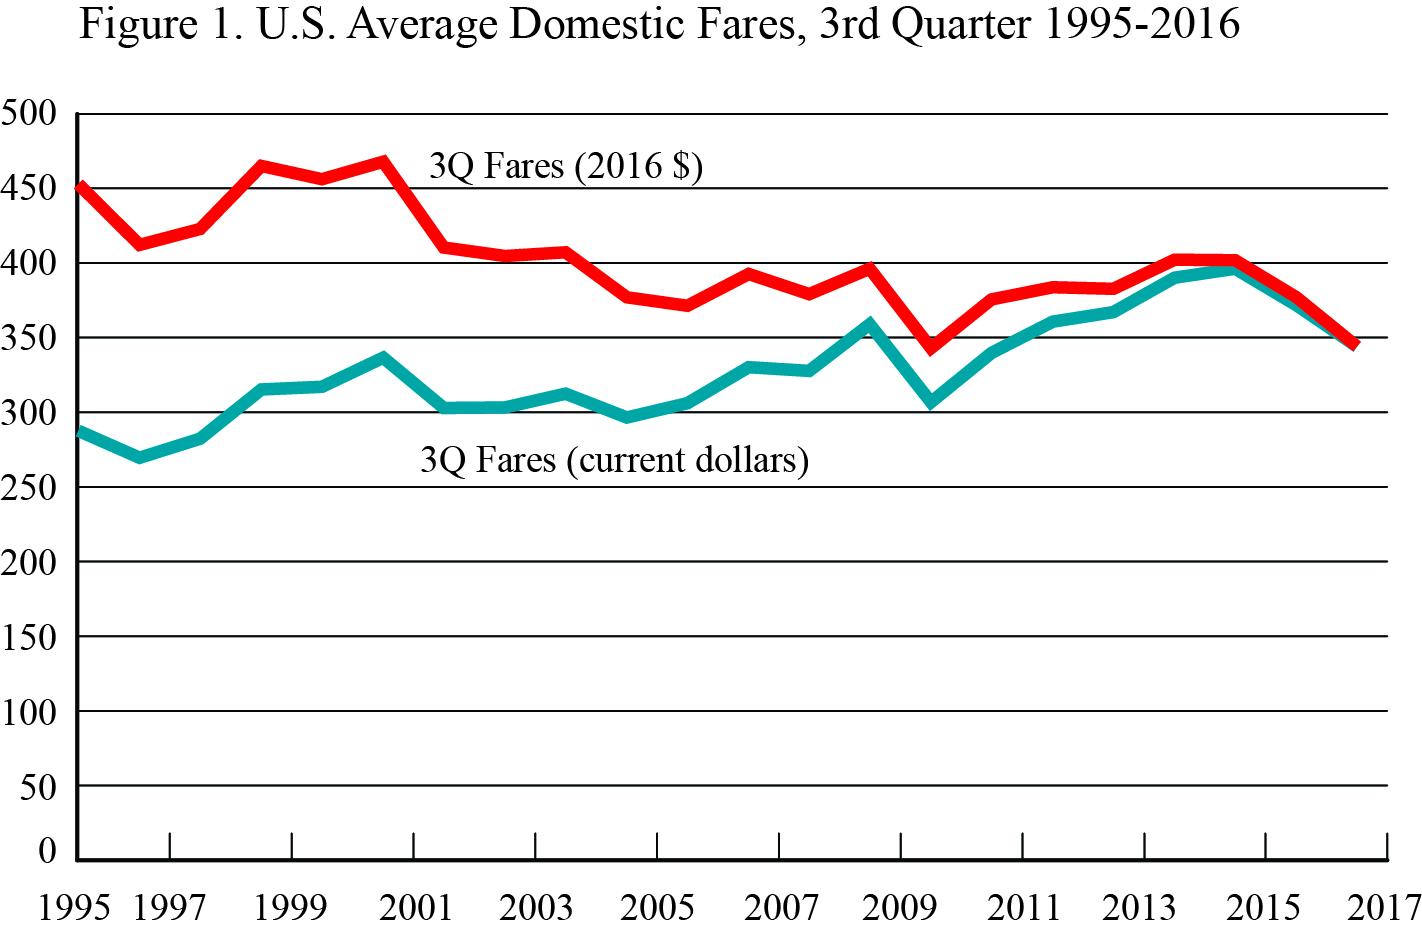 U.S. Average Domestic Fares, 3rd Quarter 1995-2016